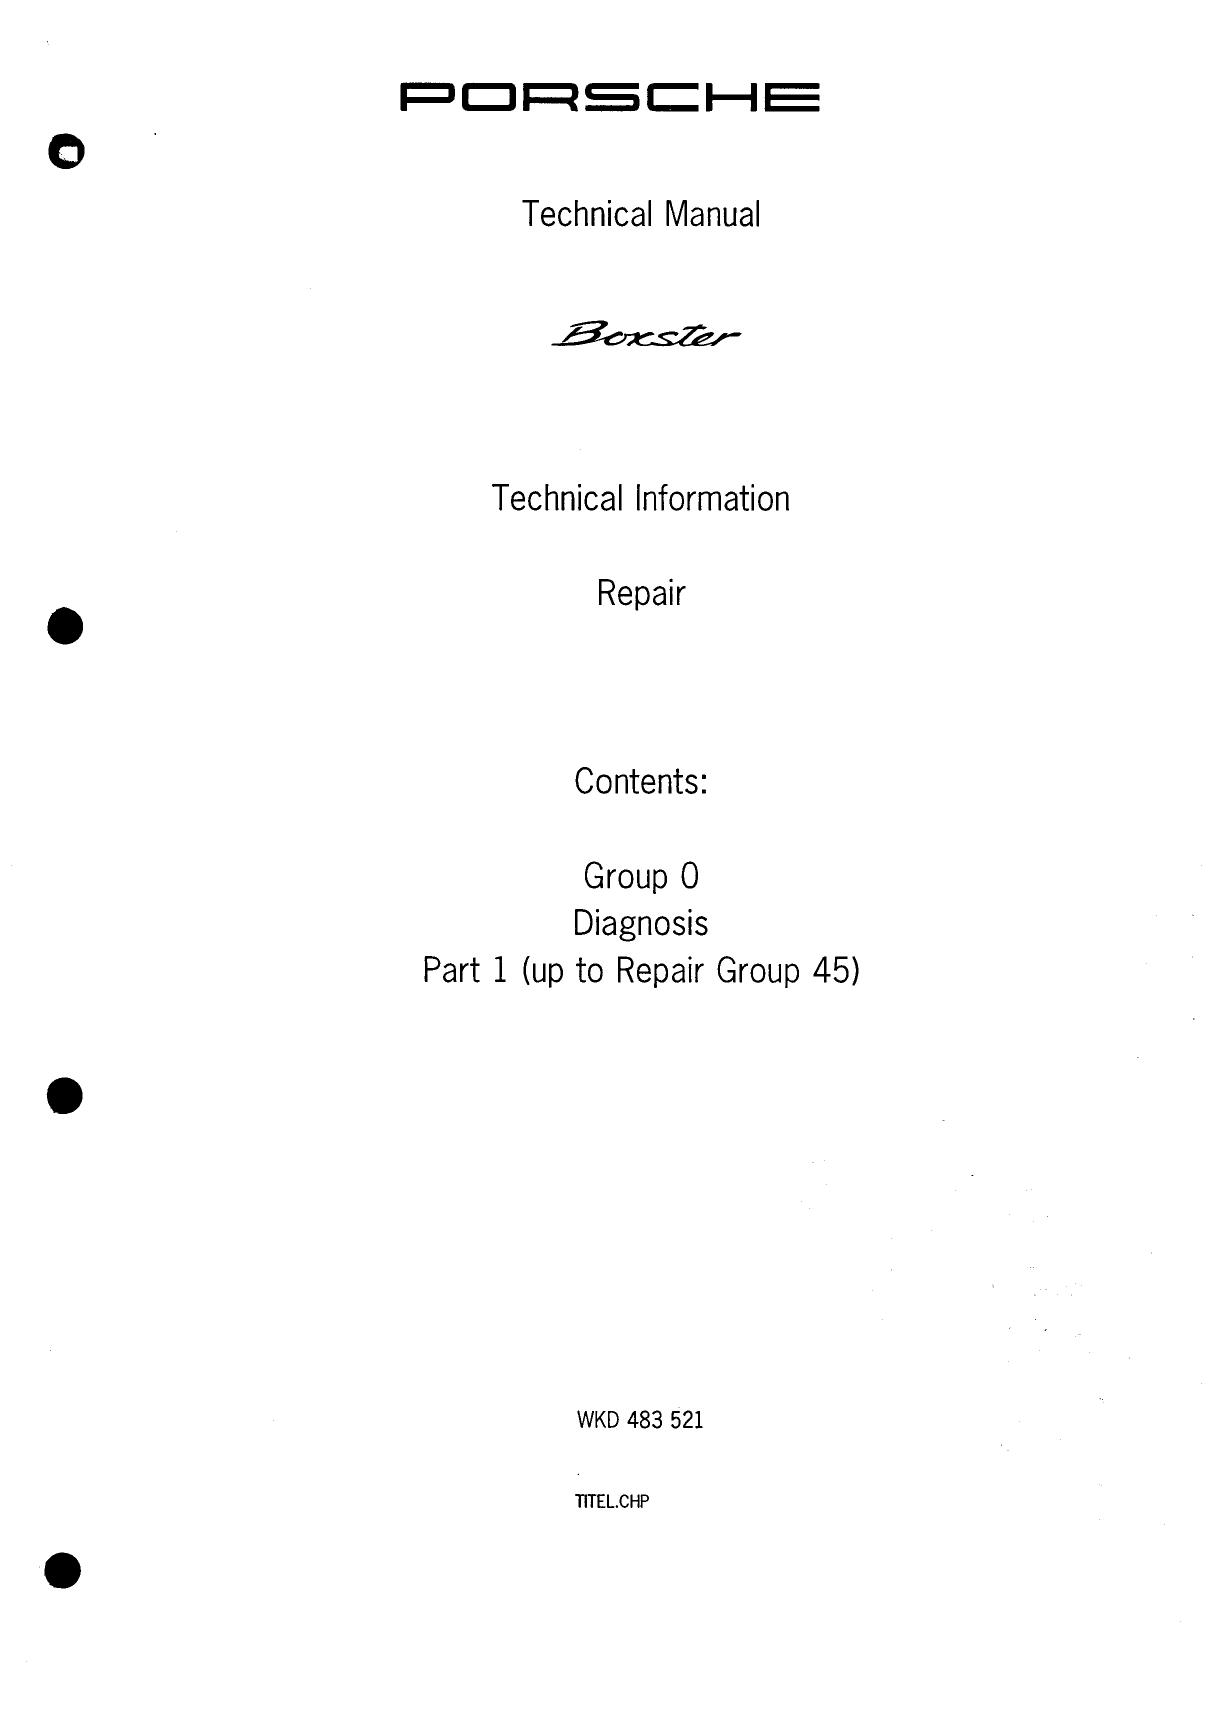 Porsche 986 Boxster Electronic Workshop Manuals | manualzz com